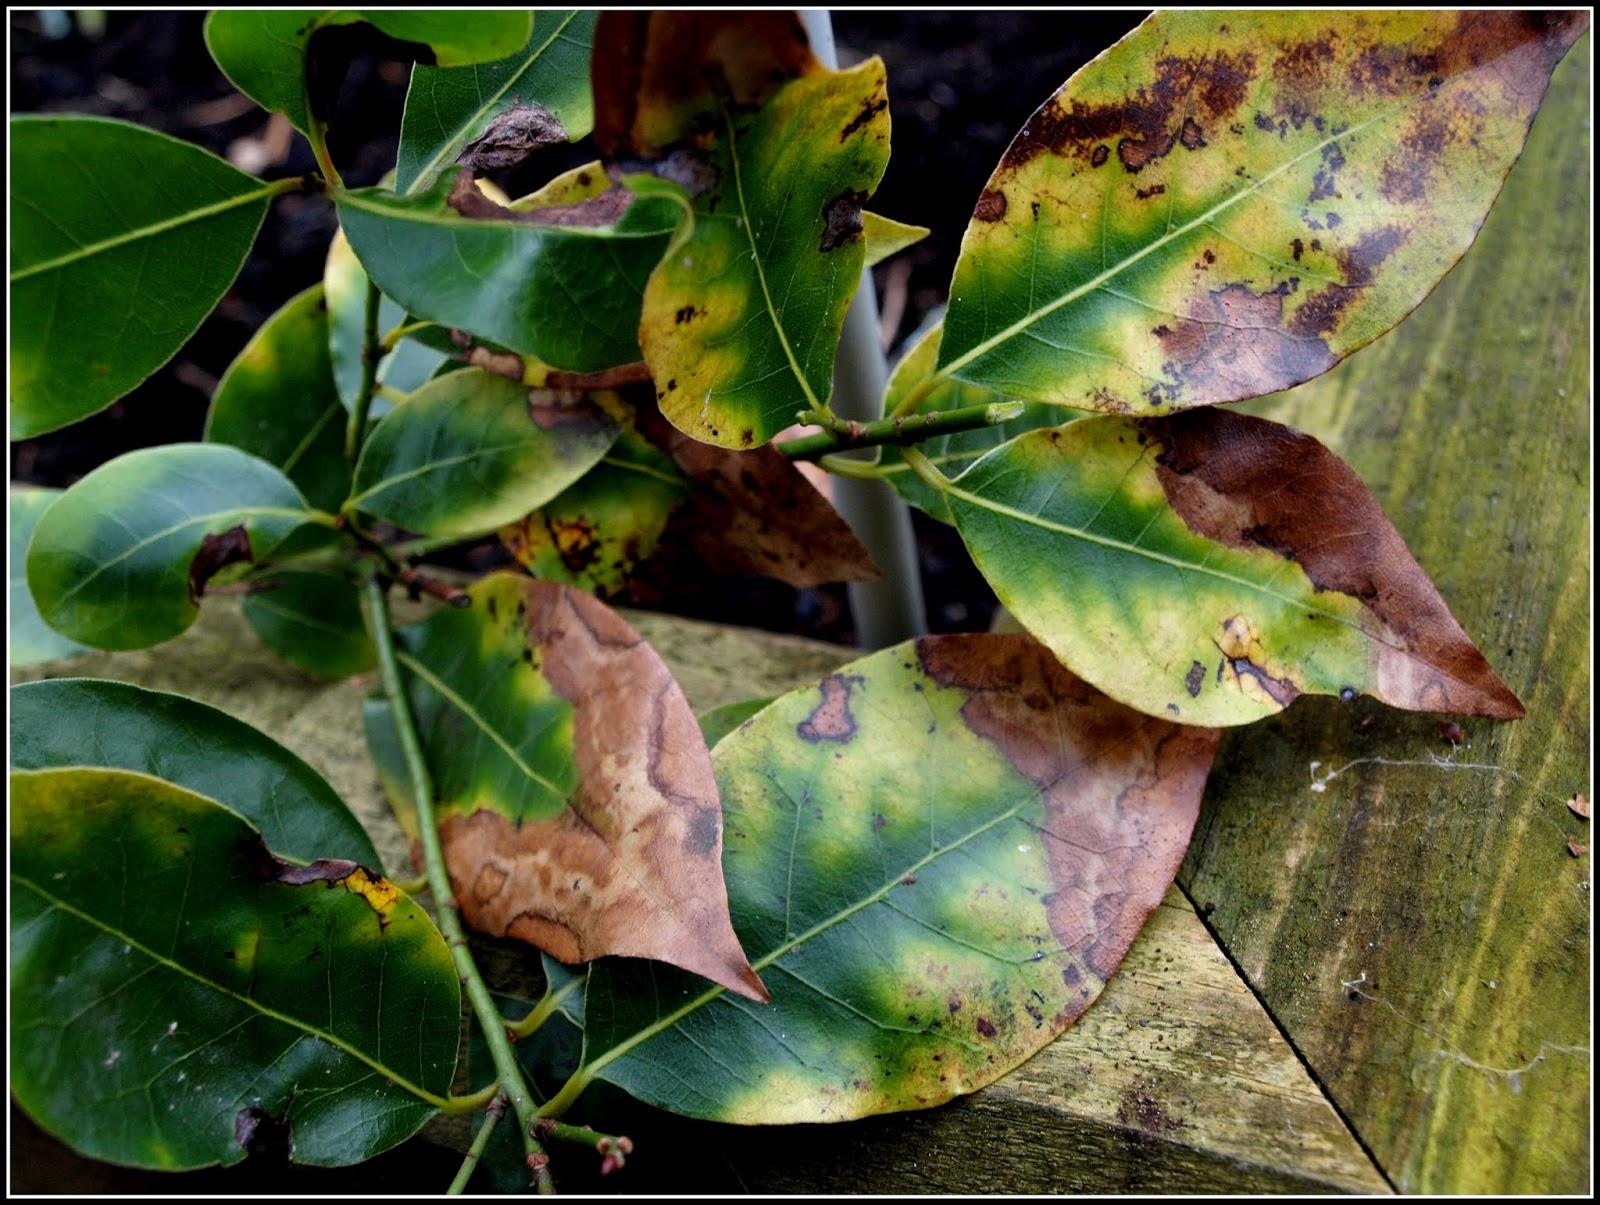 problemas mais frequentes encontrados em folhas : horta orgânica